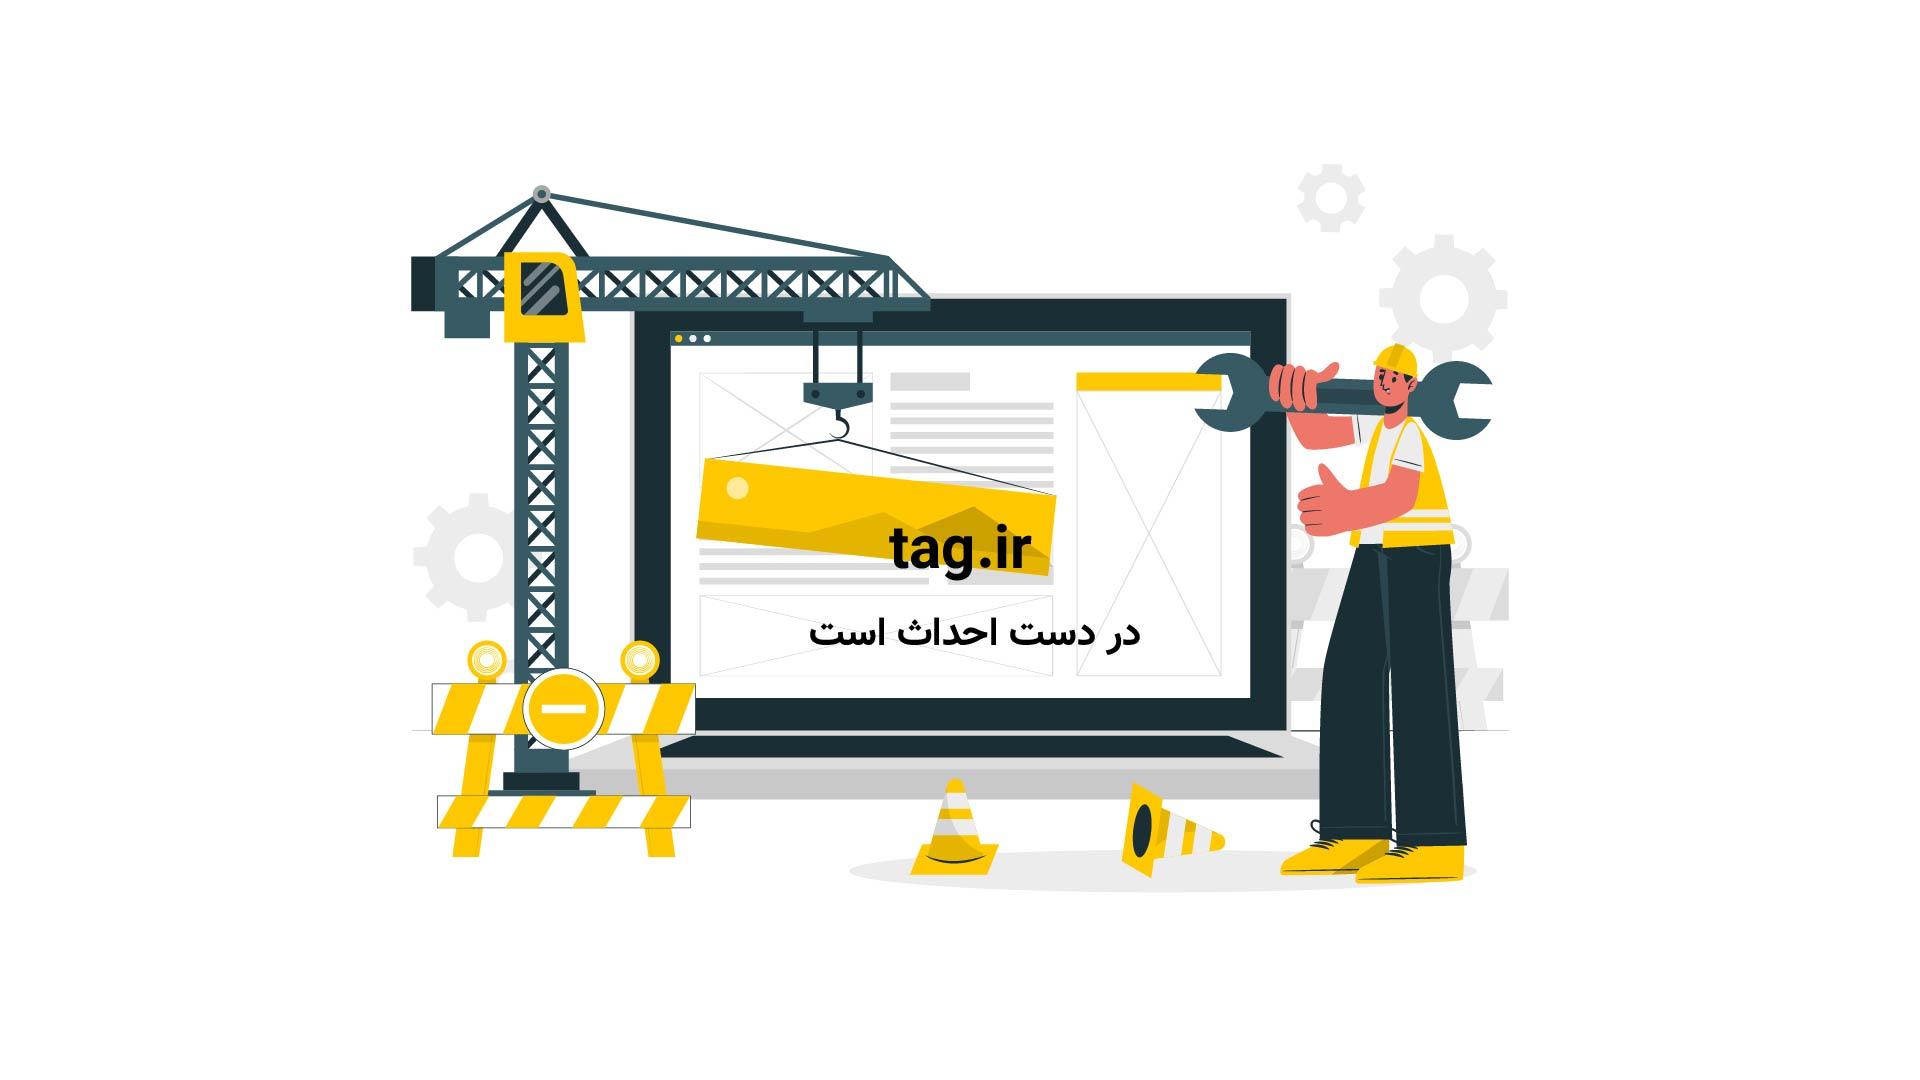 سه خودرو قدرتمند و بى نظیر کمپانی خودروسازی دوج | فیلم